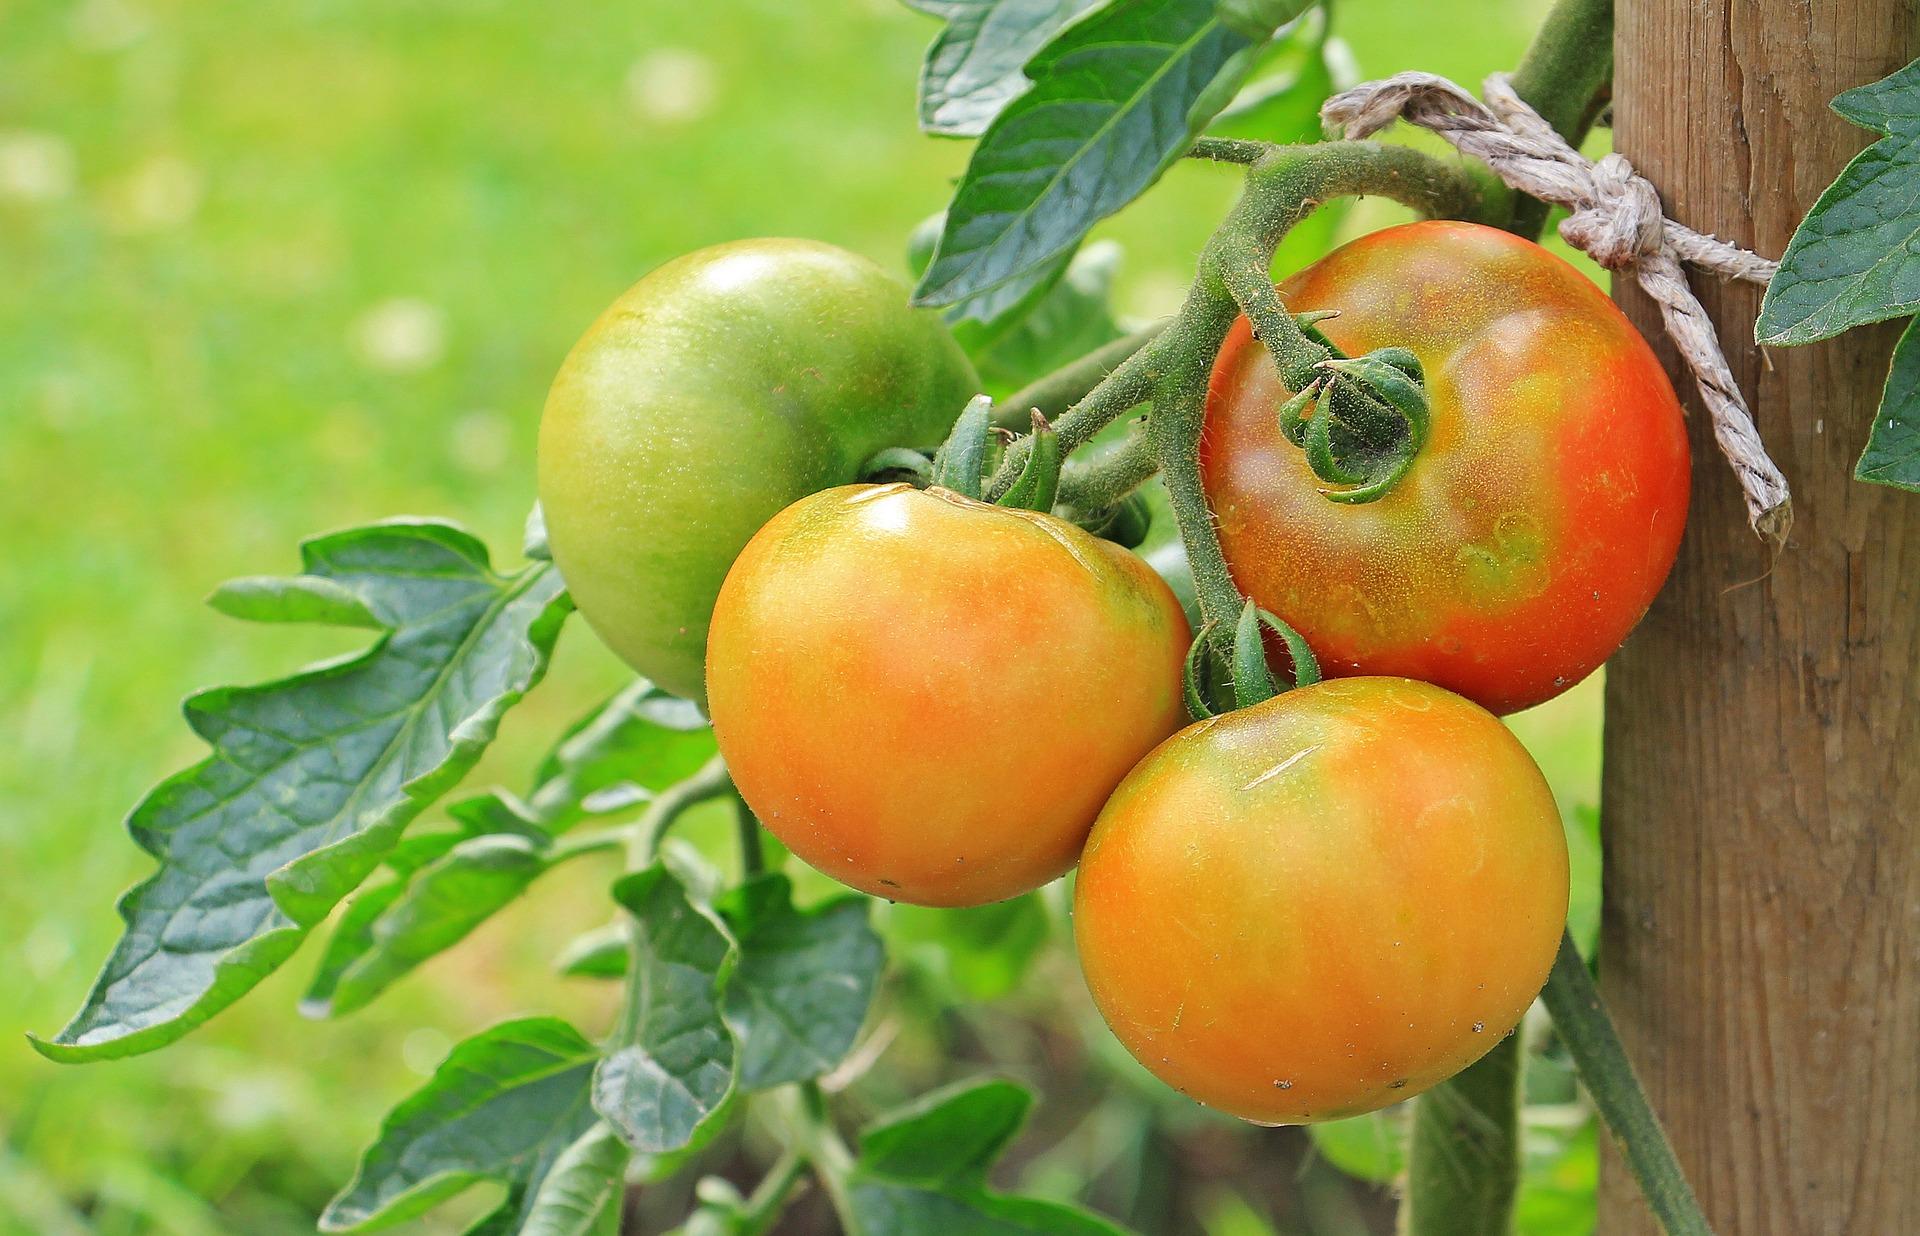 Bild einer Tomatenstaude, paar davon bereits reif.